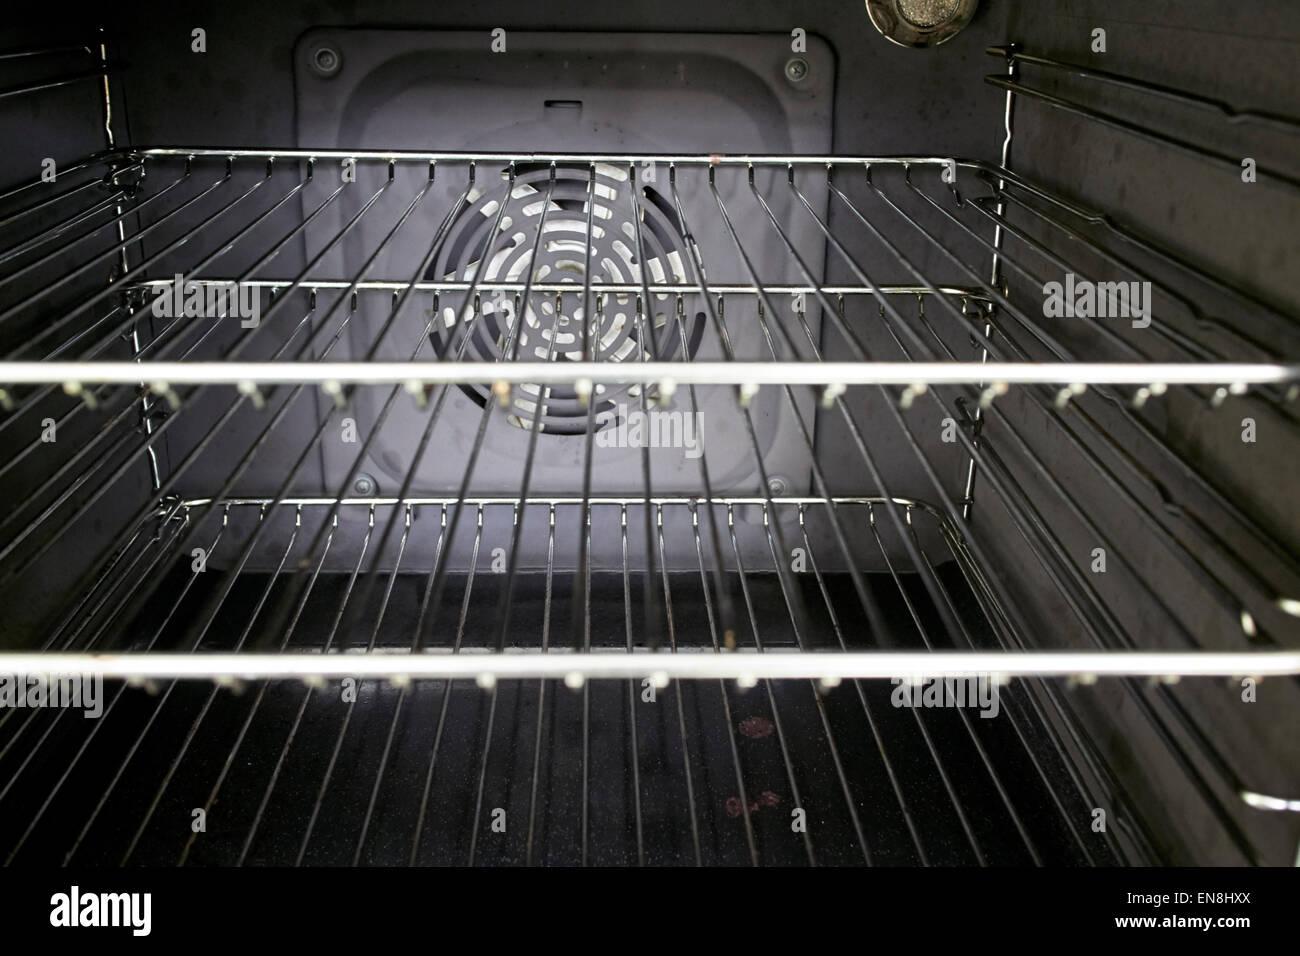 Interno di una cucina domestica con ventilatore forno a pulire la griglia in metallo ripiani Immagini Stock